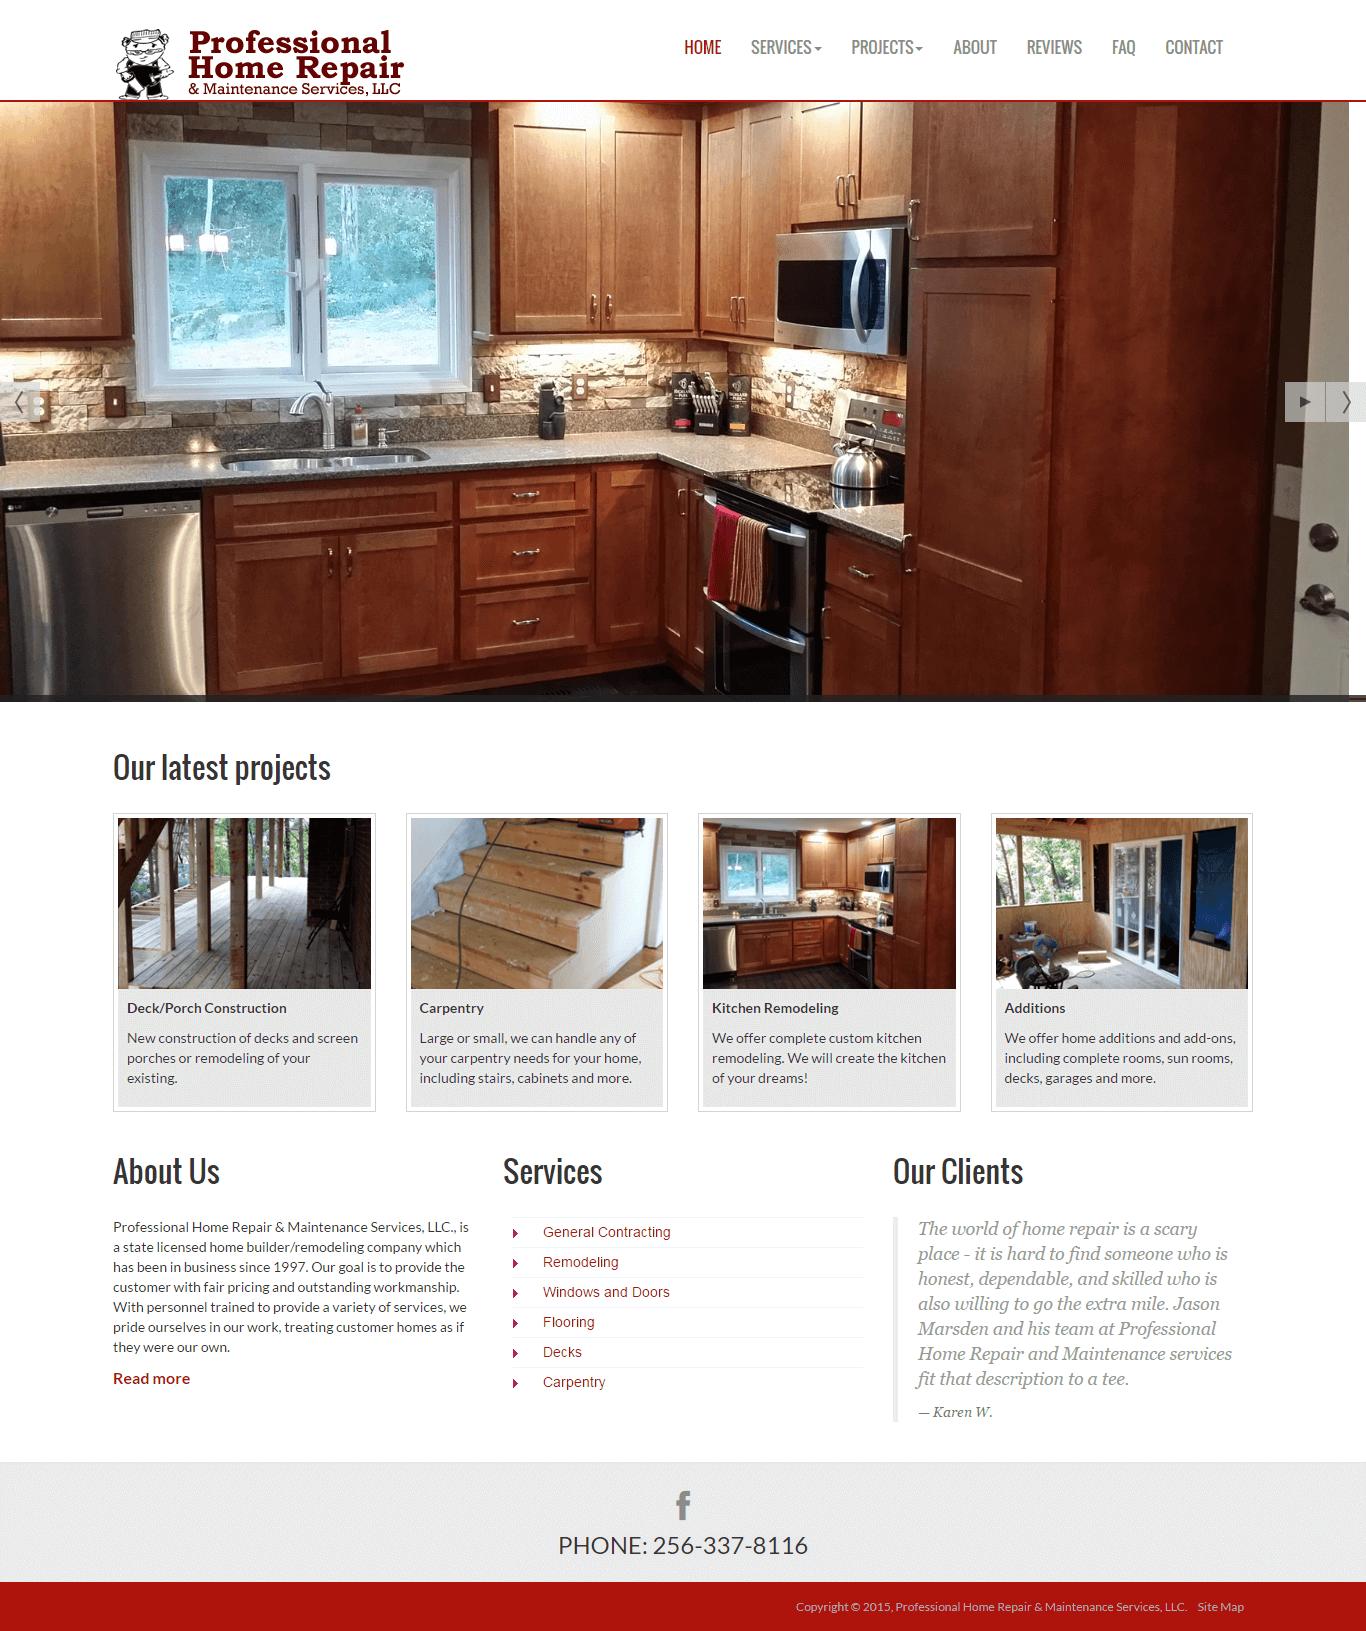 Professional Home Repair